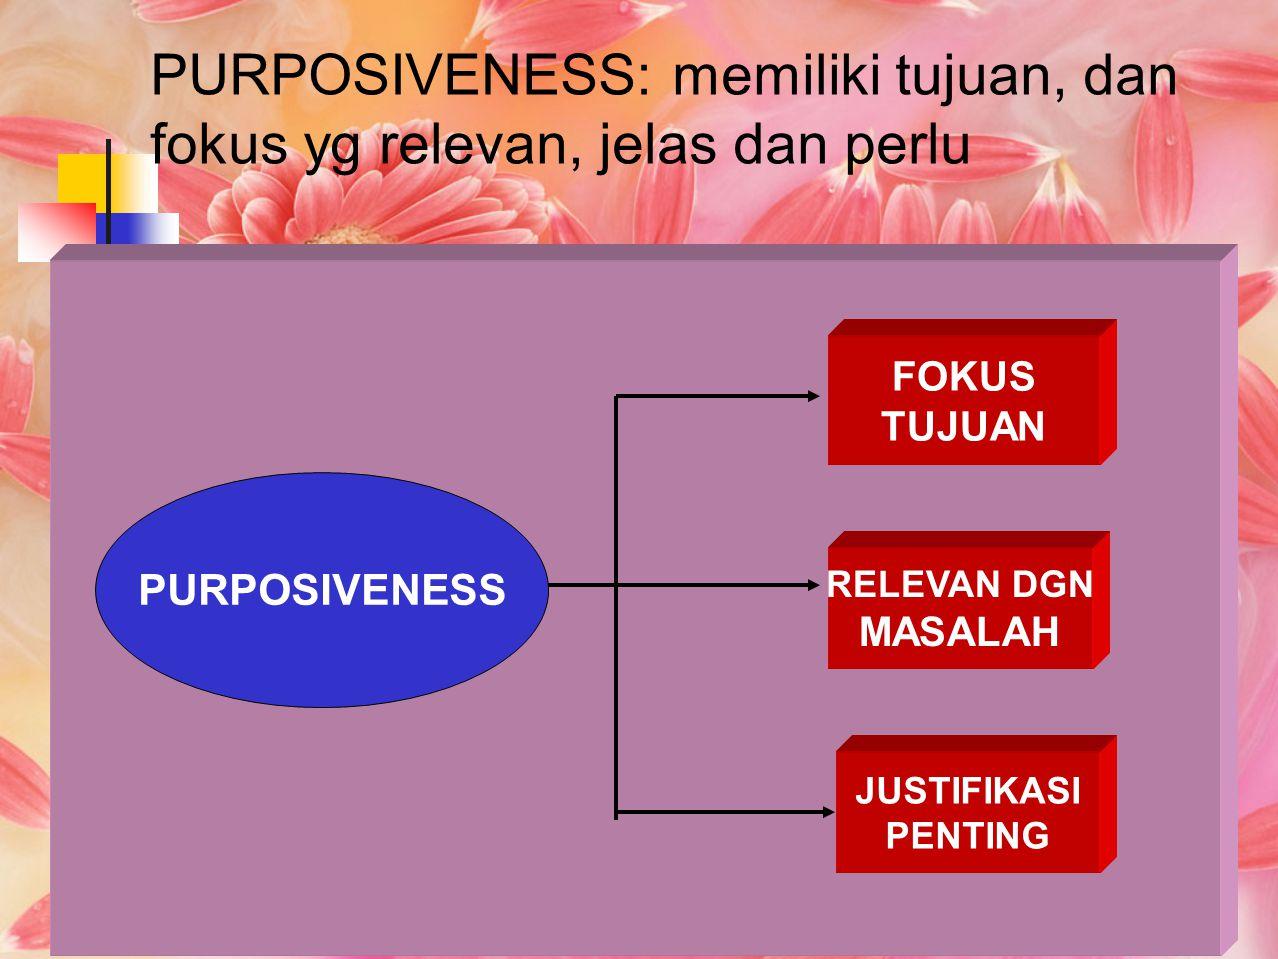 PURPOSIVENESS: memiliki tujuan, dan fokus yg relevan, jelas dan perlu